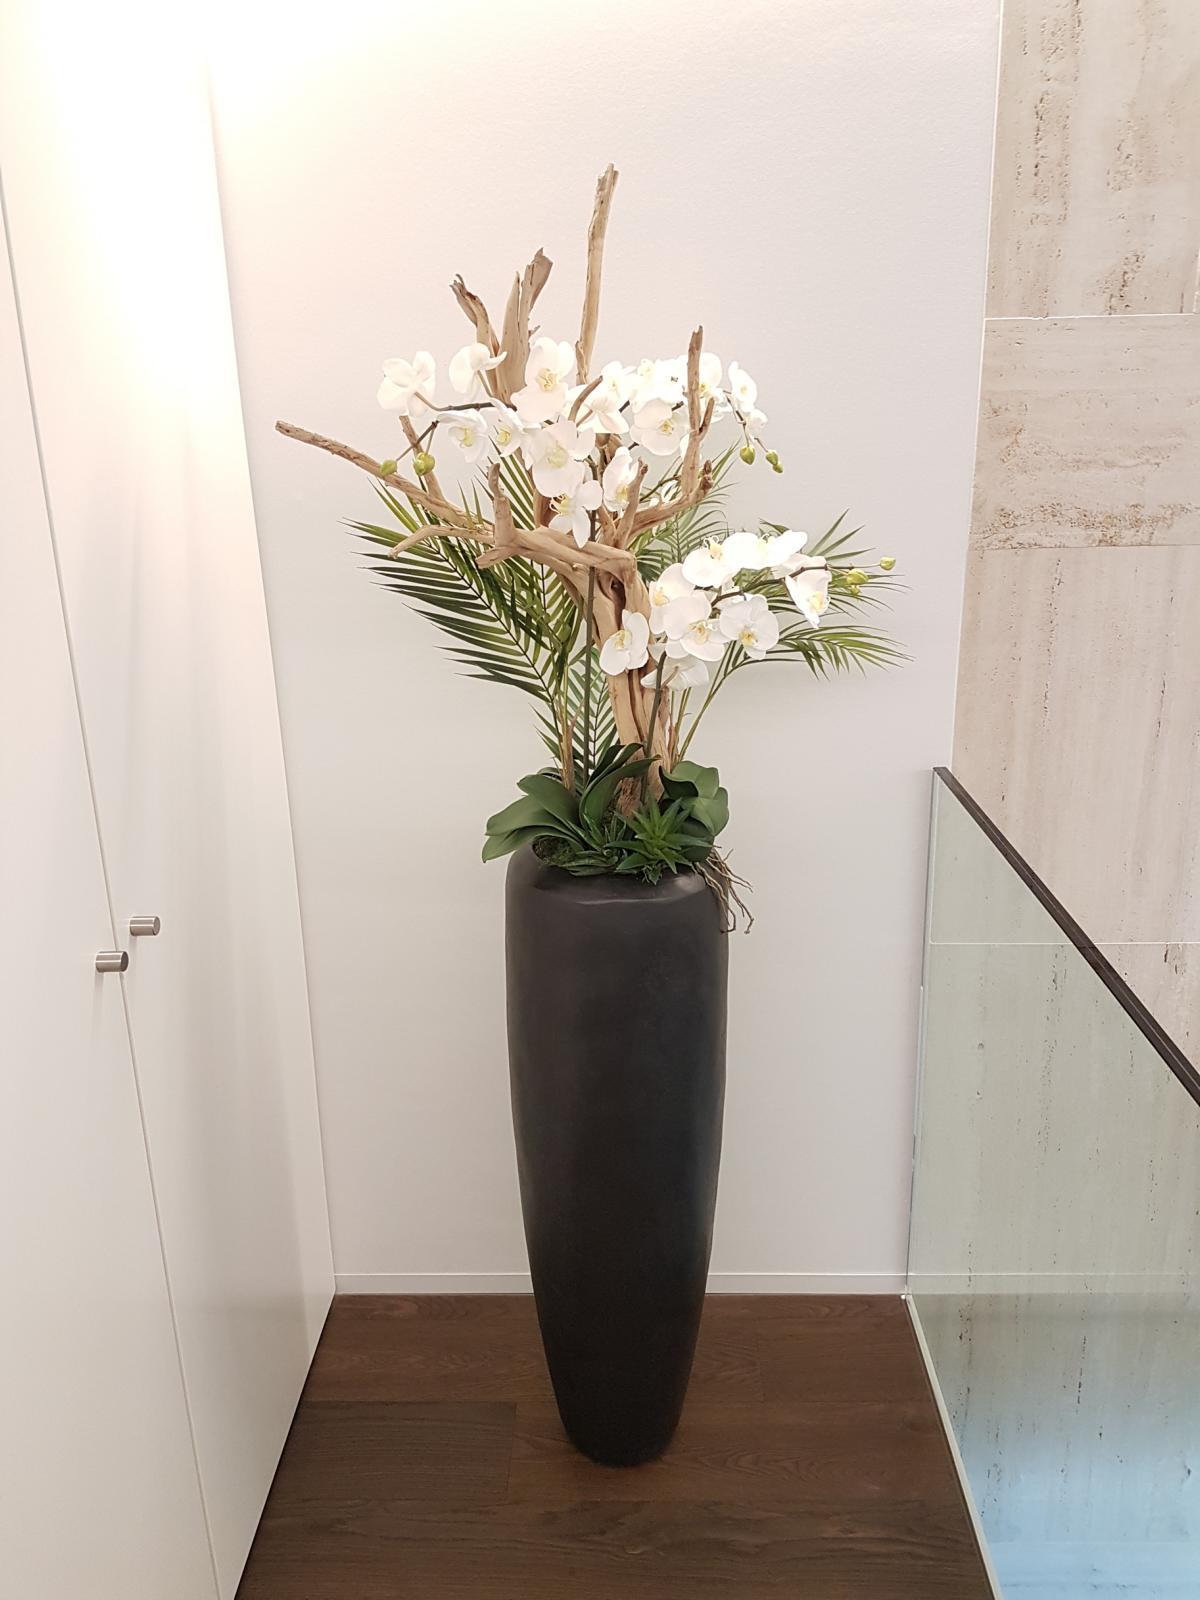 Hochwertige Kunstblumen arrangiert mit Holt in einem exklusiven Pflanzgefässe.